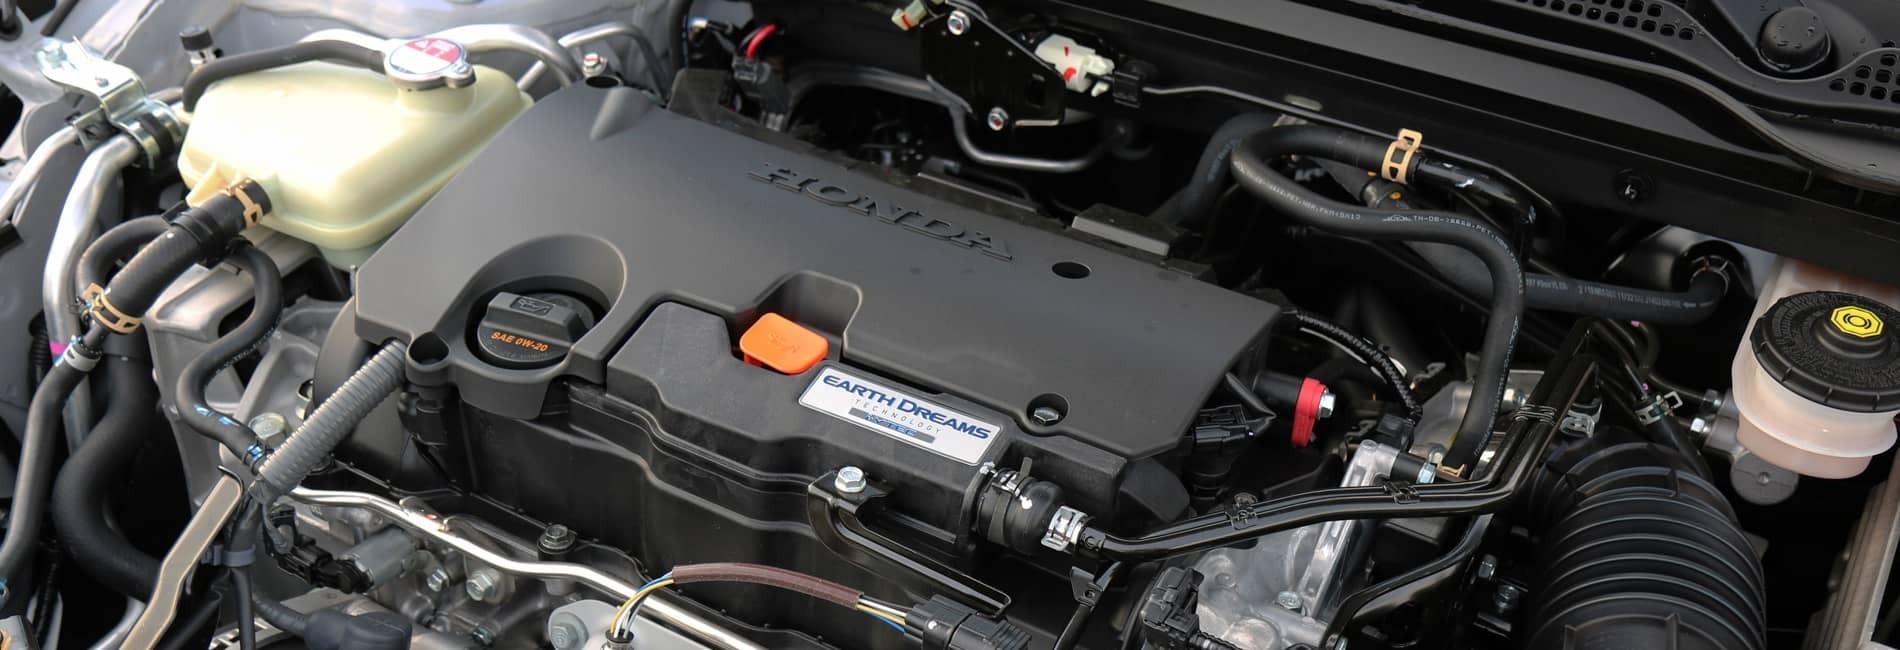 Honda-Engine